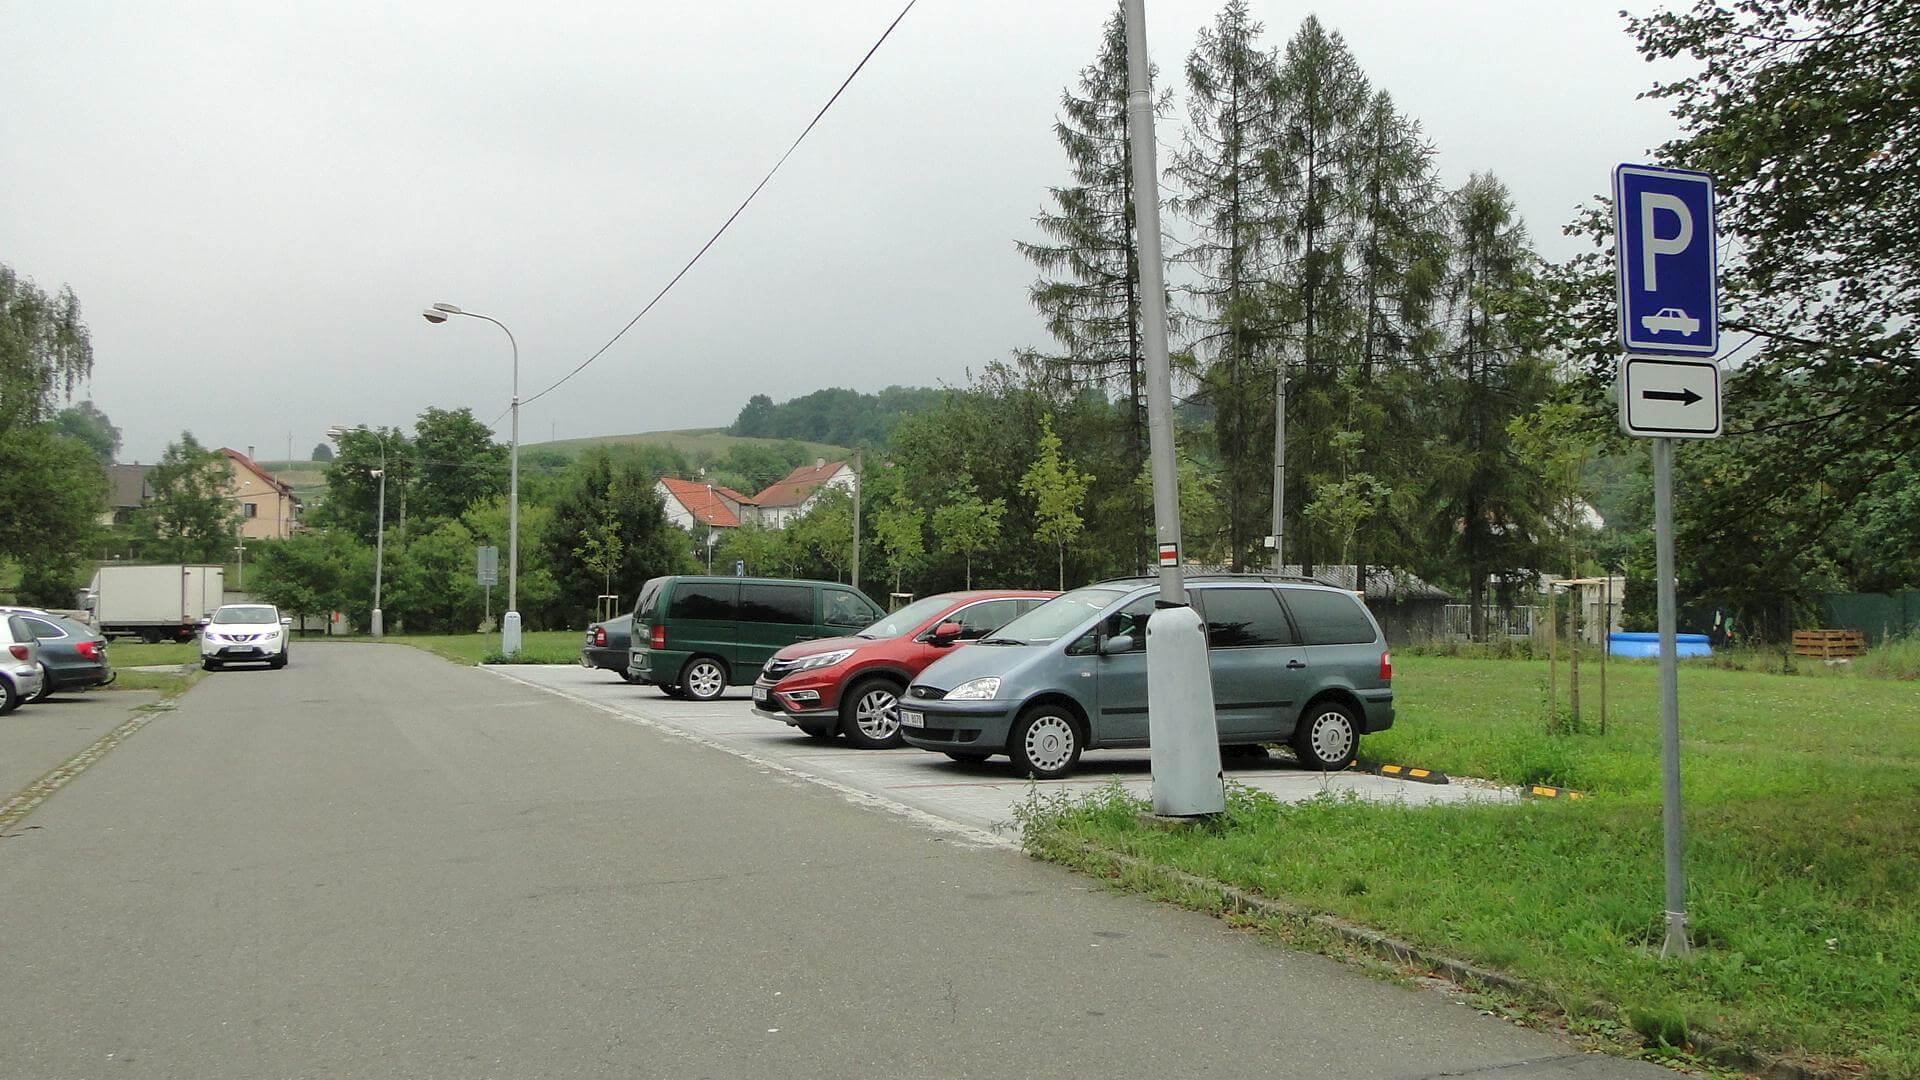 parkoviste-u-jicinky-2017-4.jpg